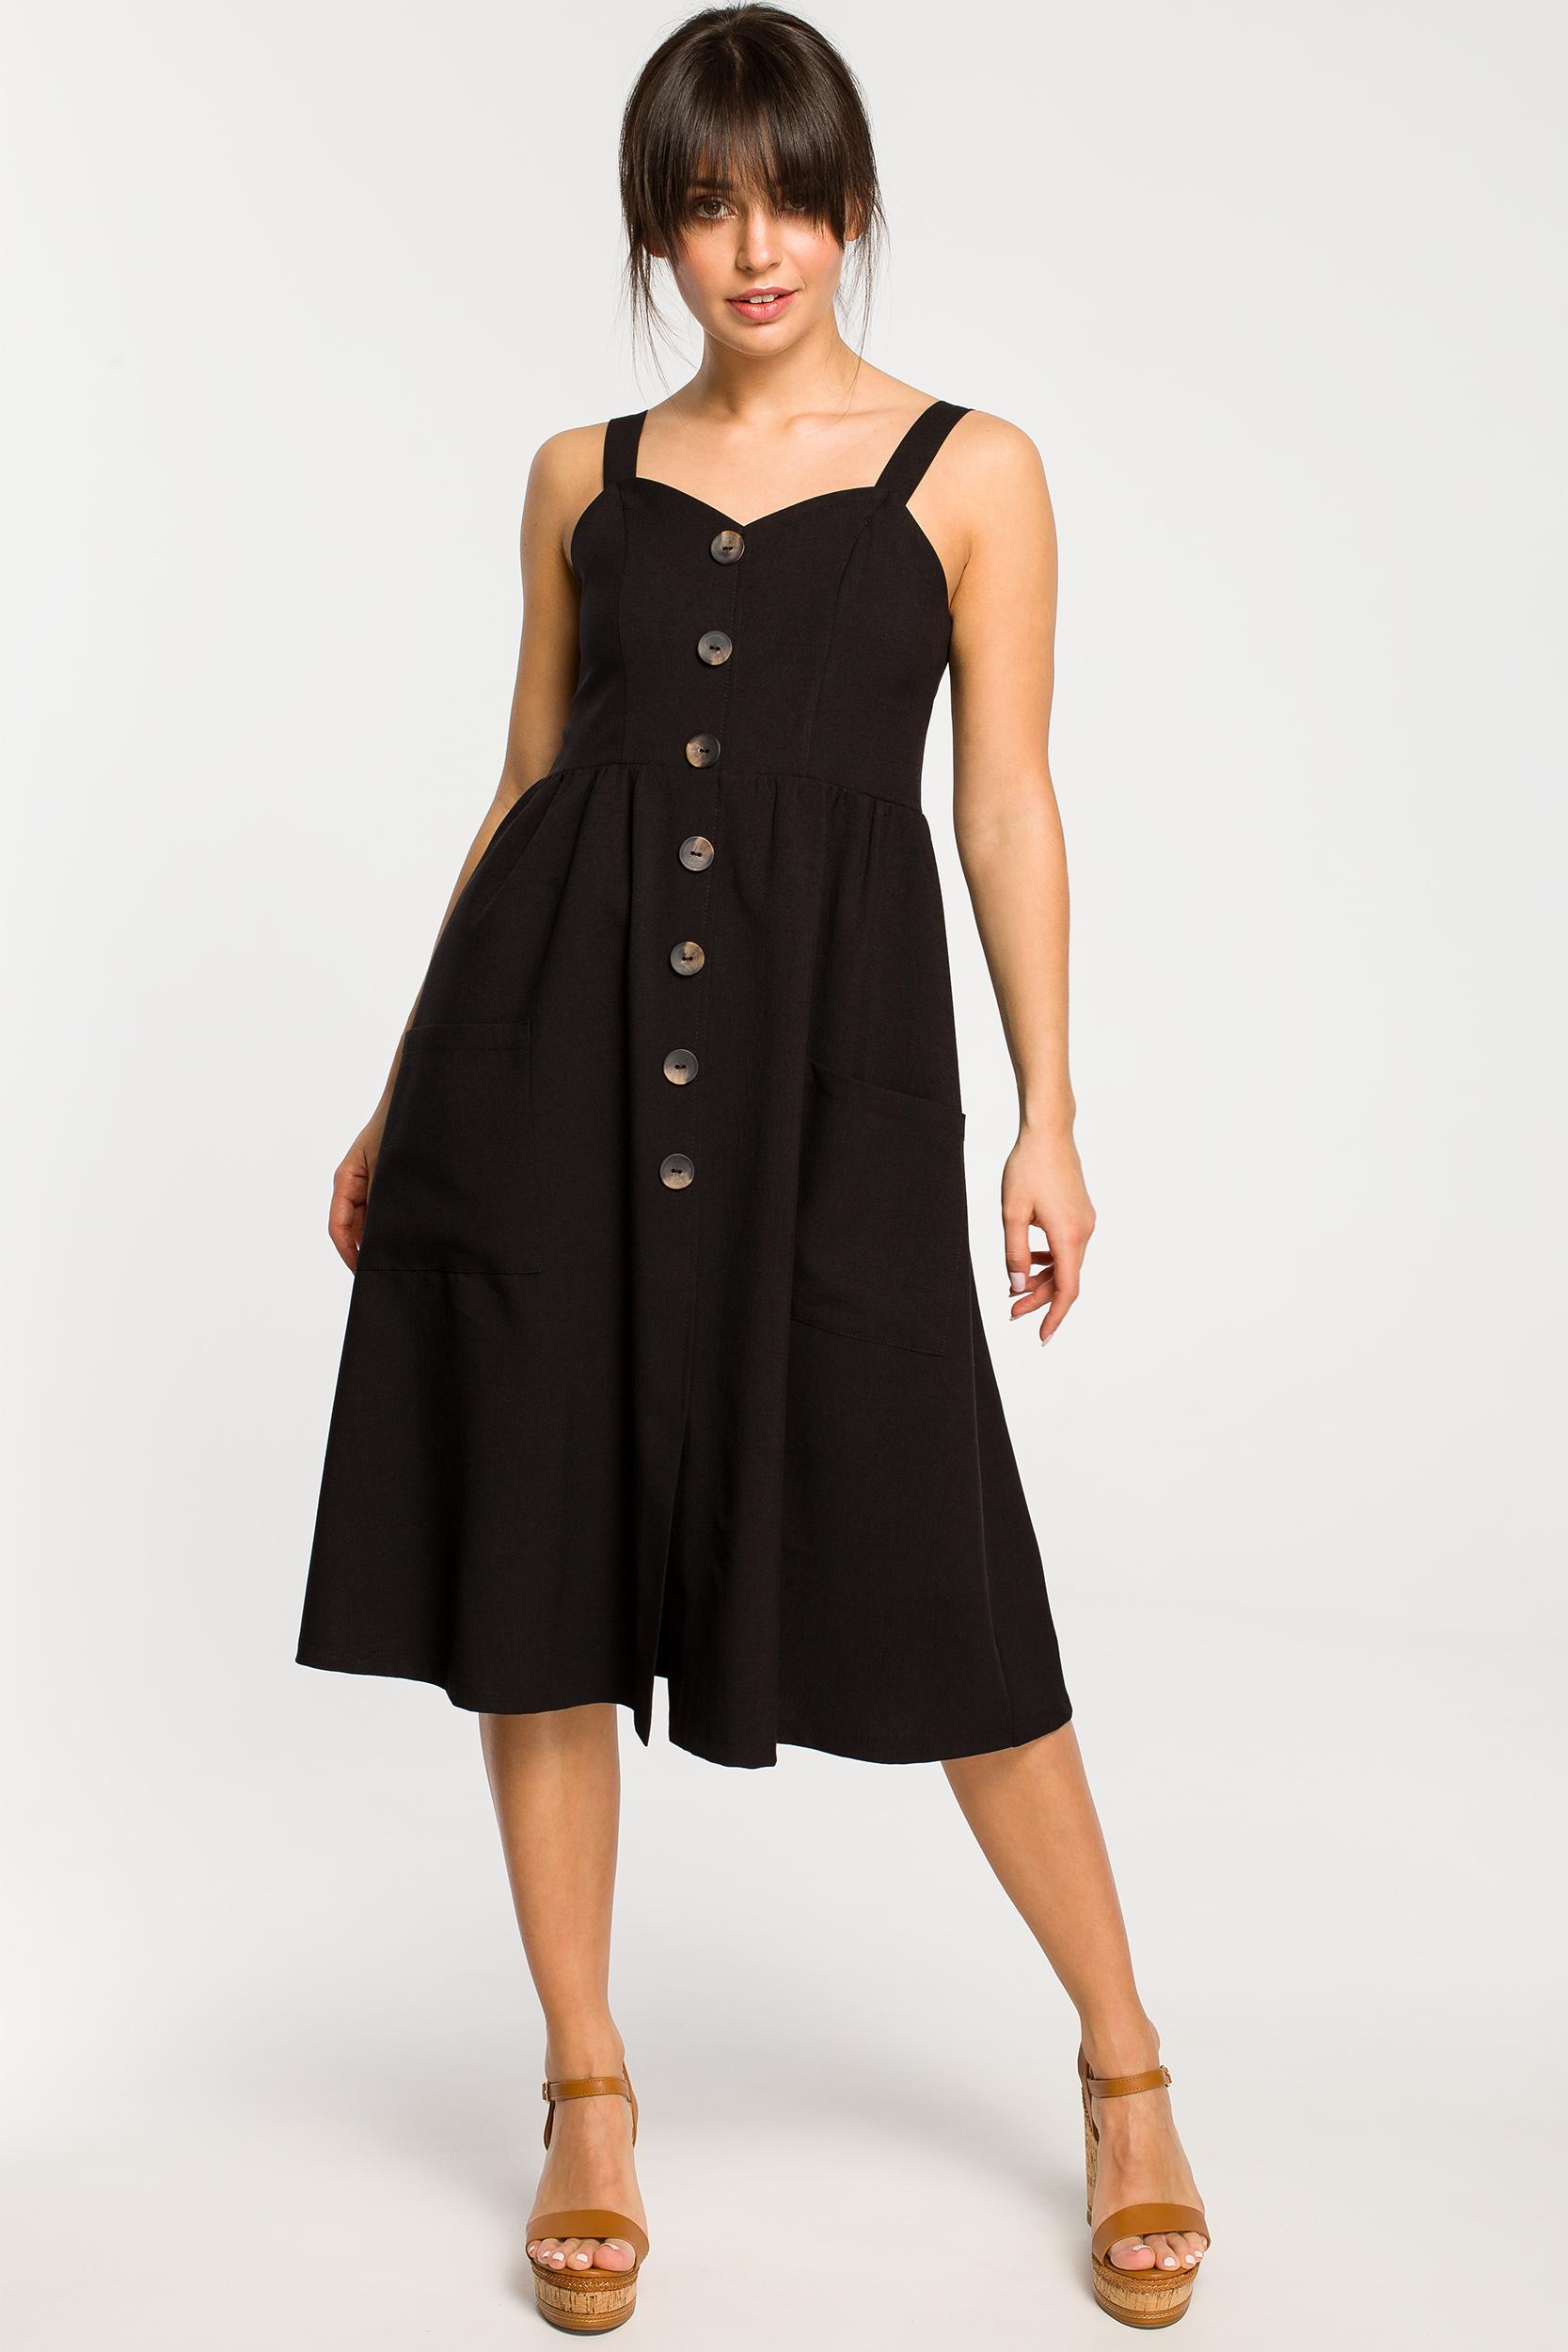 CM4265 Sukienka na szelkach z guzikami - czarna